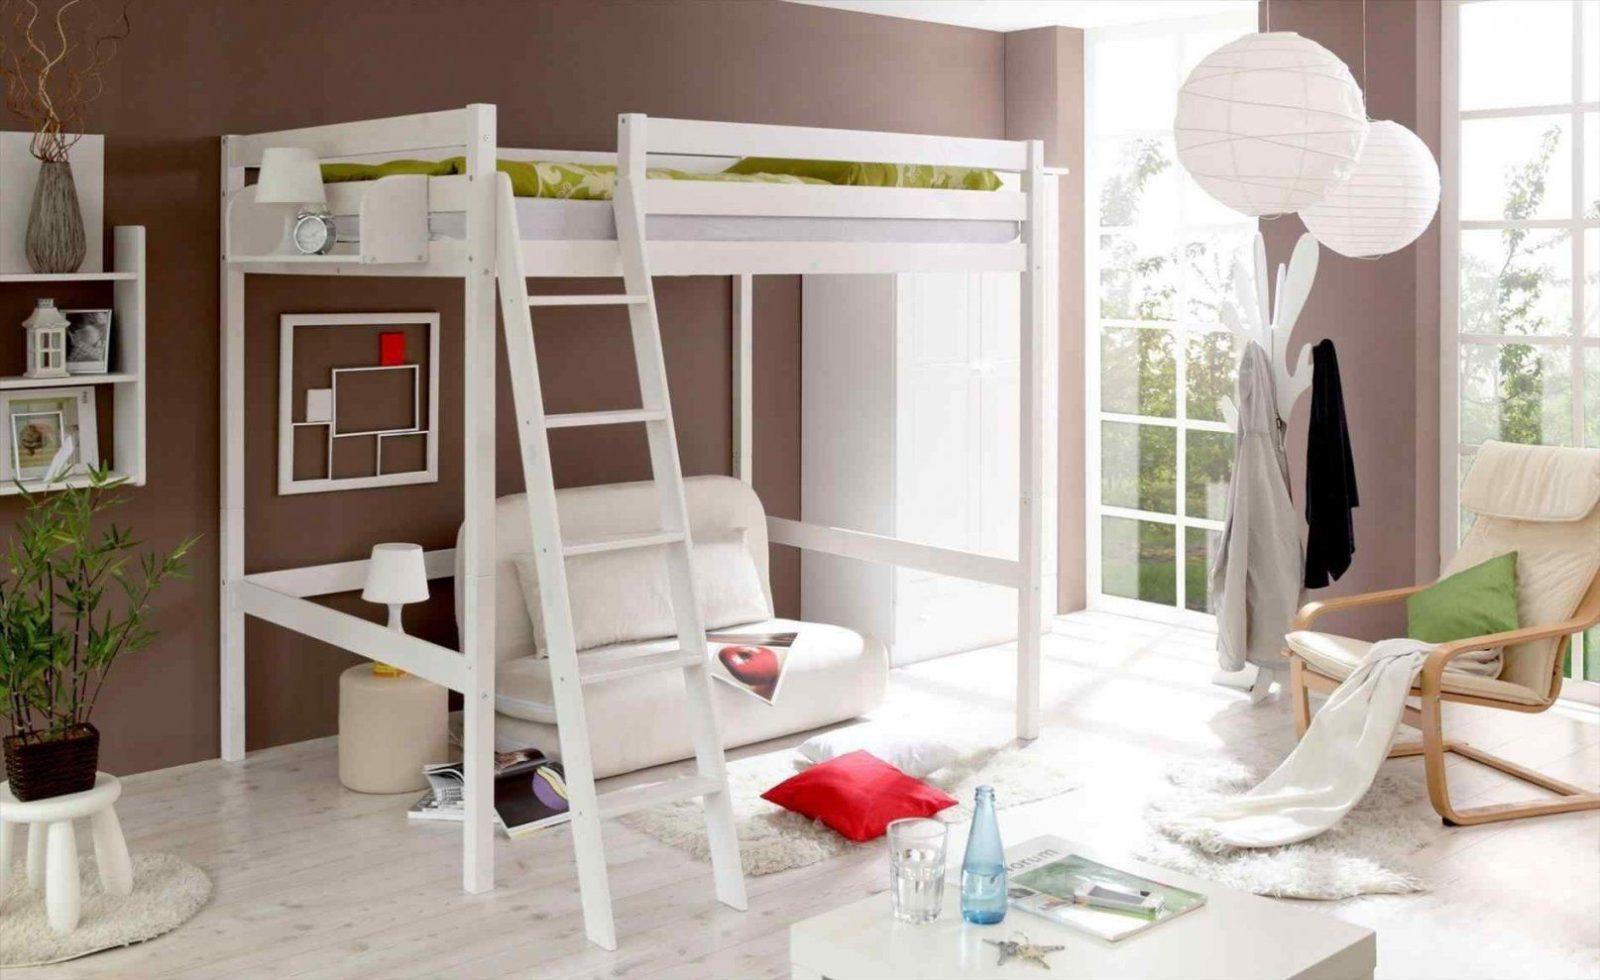 Etagenbett Haus Selber Bauen : Wunderbar hochbett erwachsene selber bauen u cblonline von